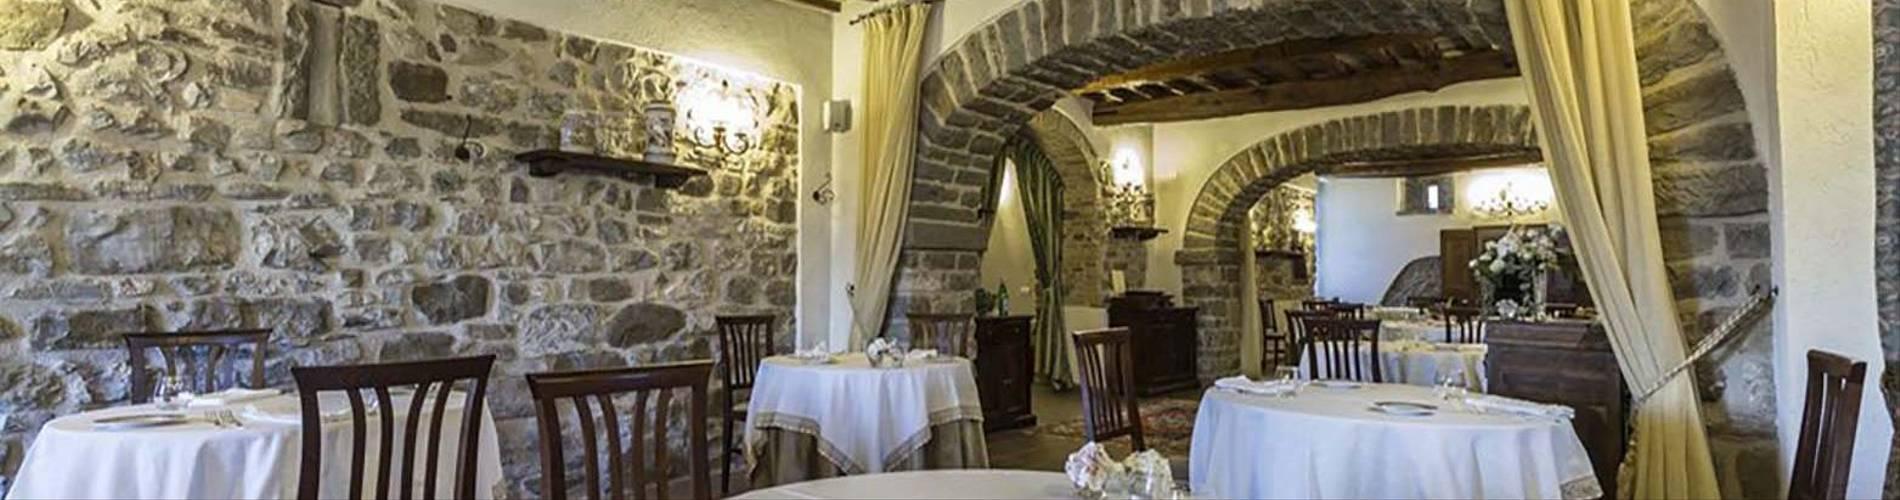 Castello Di Petrata, Umbria, Italy (18).jpg